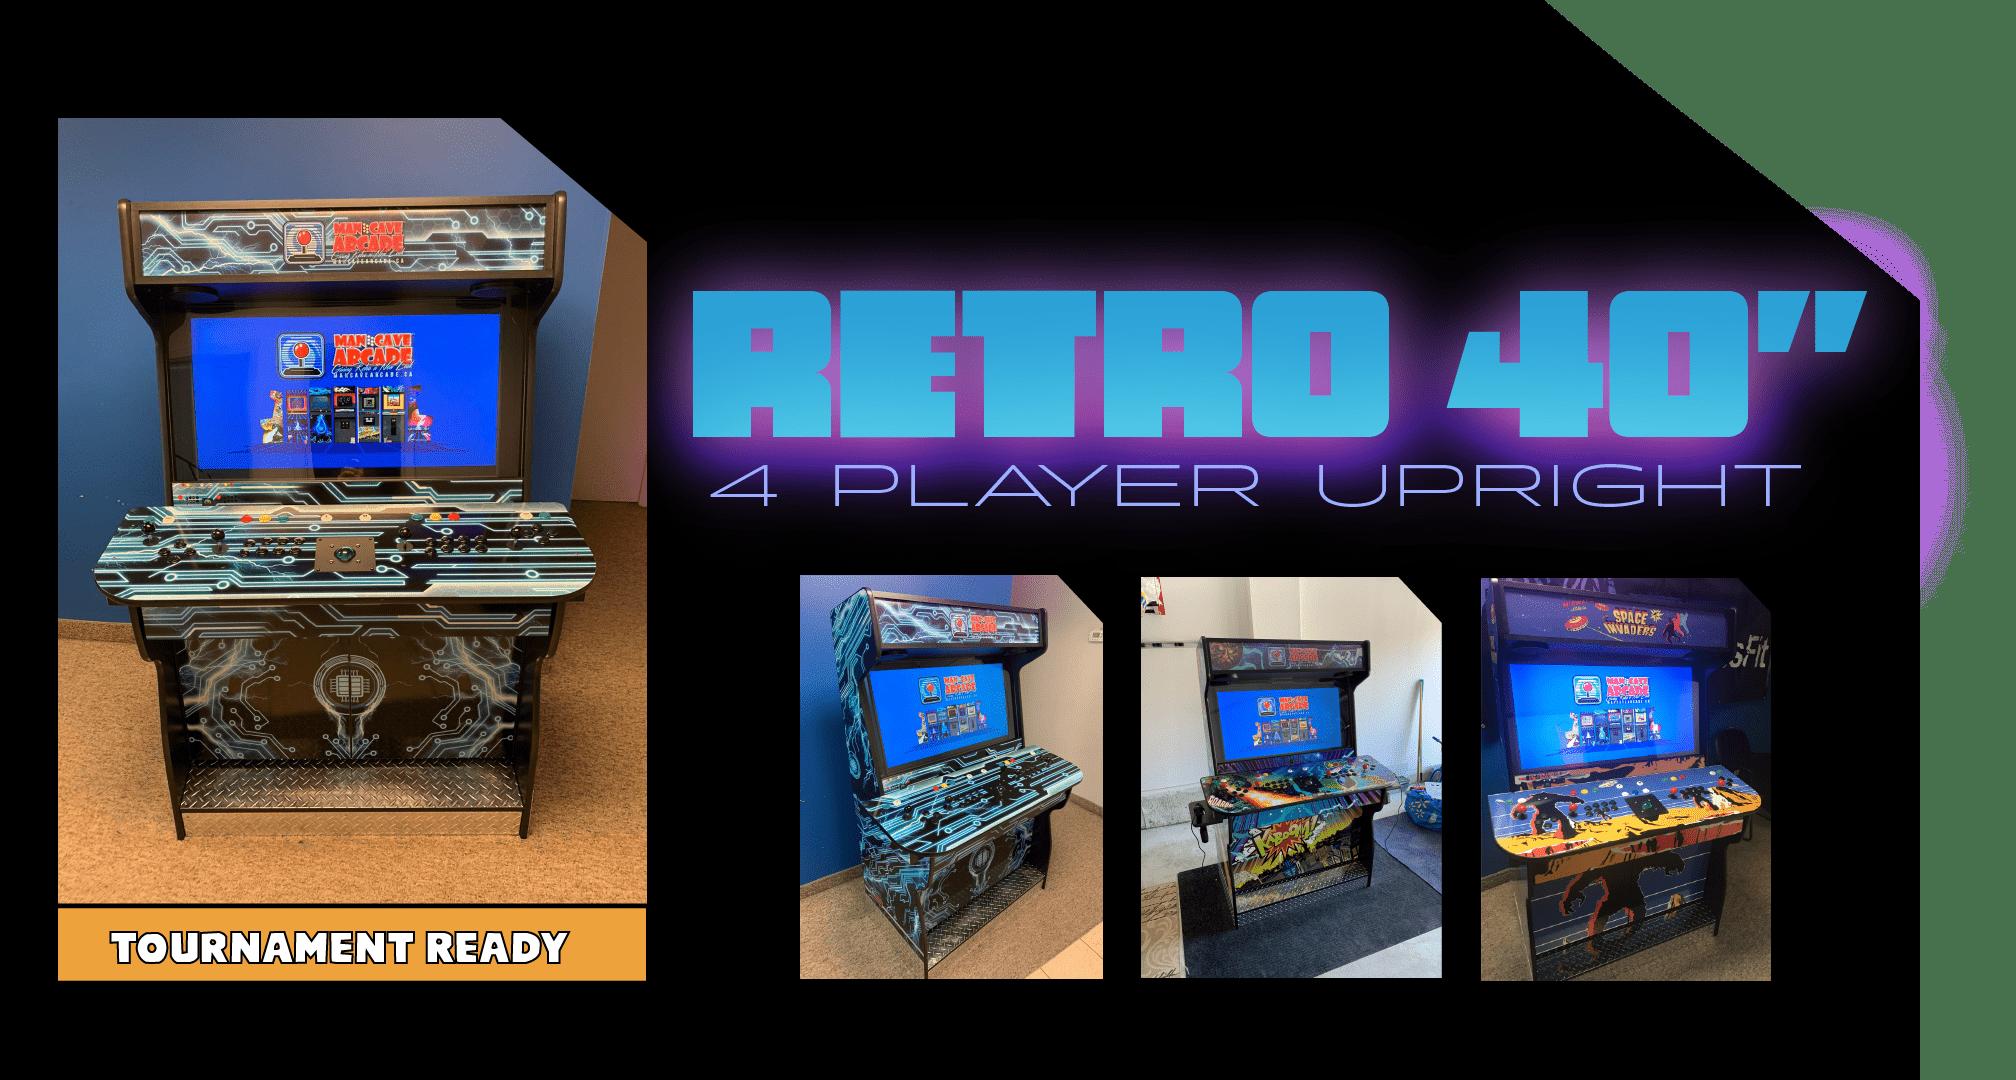 RETRO 40-4